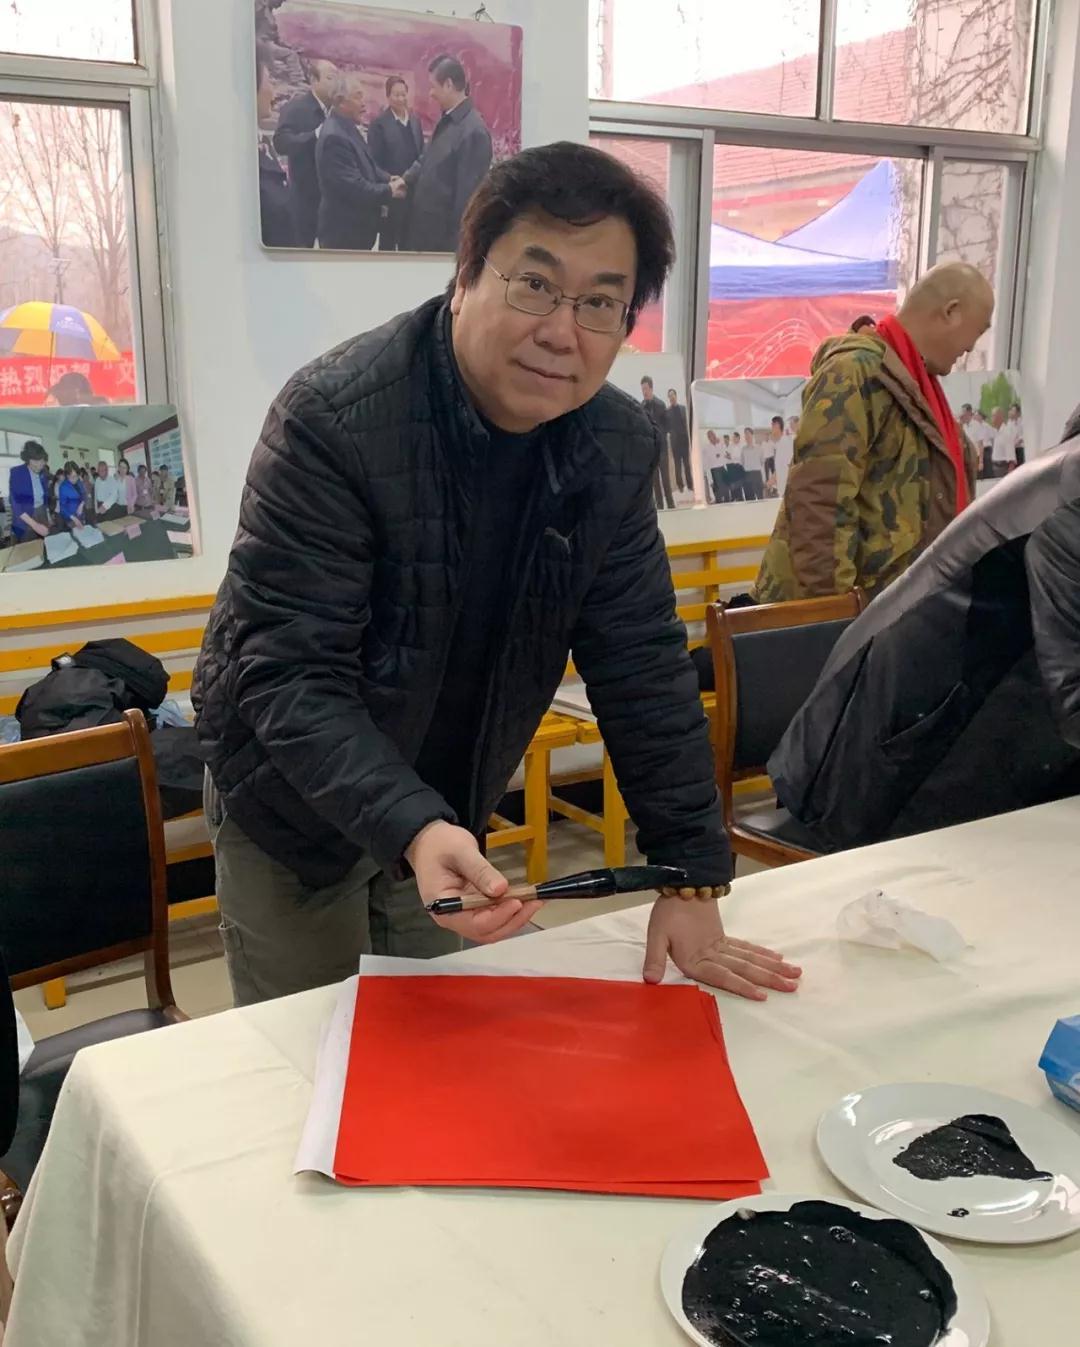 中国国家画院书法篆刻专业委员会执行主任李晓军现场写福字